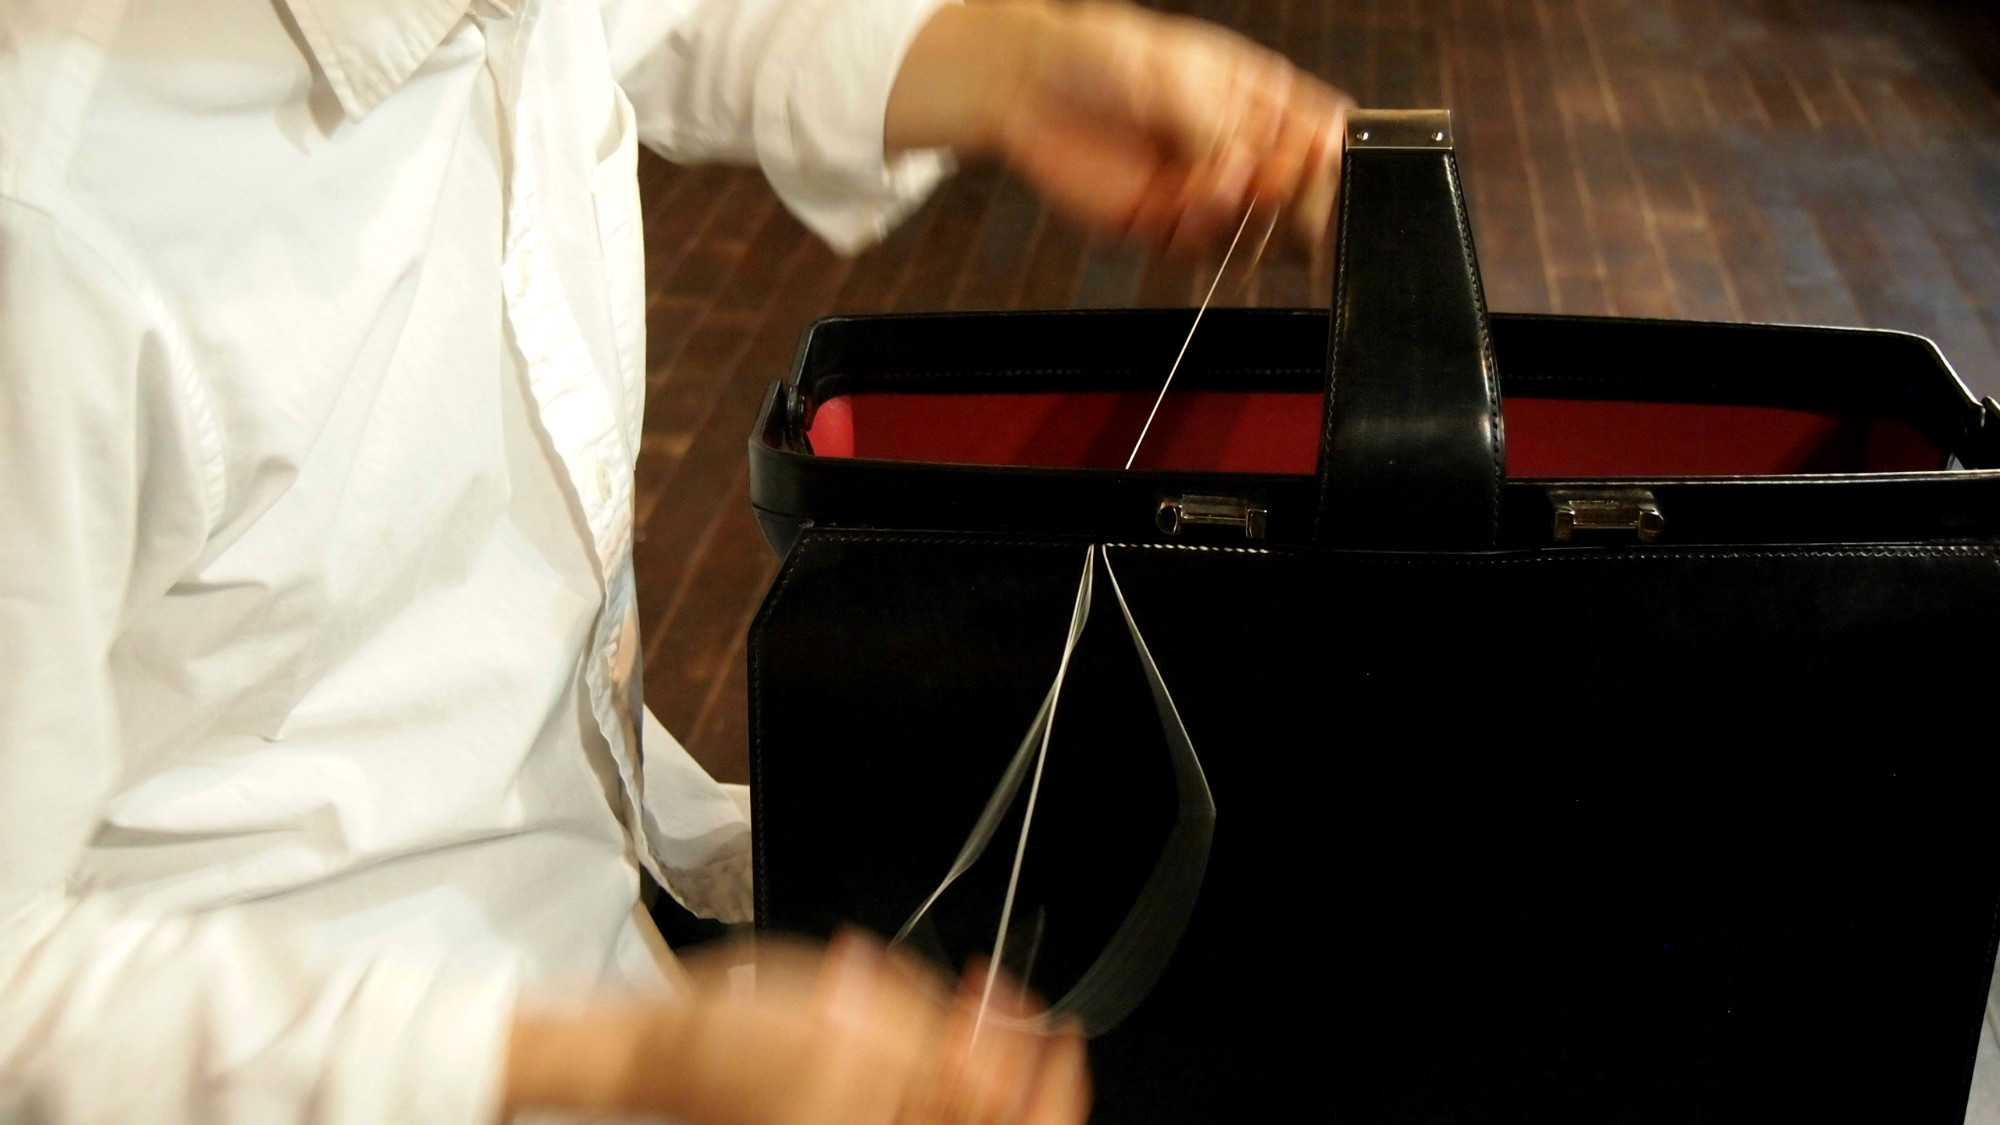 手縫いの革鞄教室(レザーバッグスクール) TRUNK(トランク)